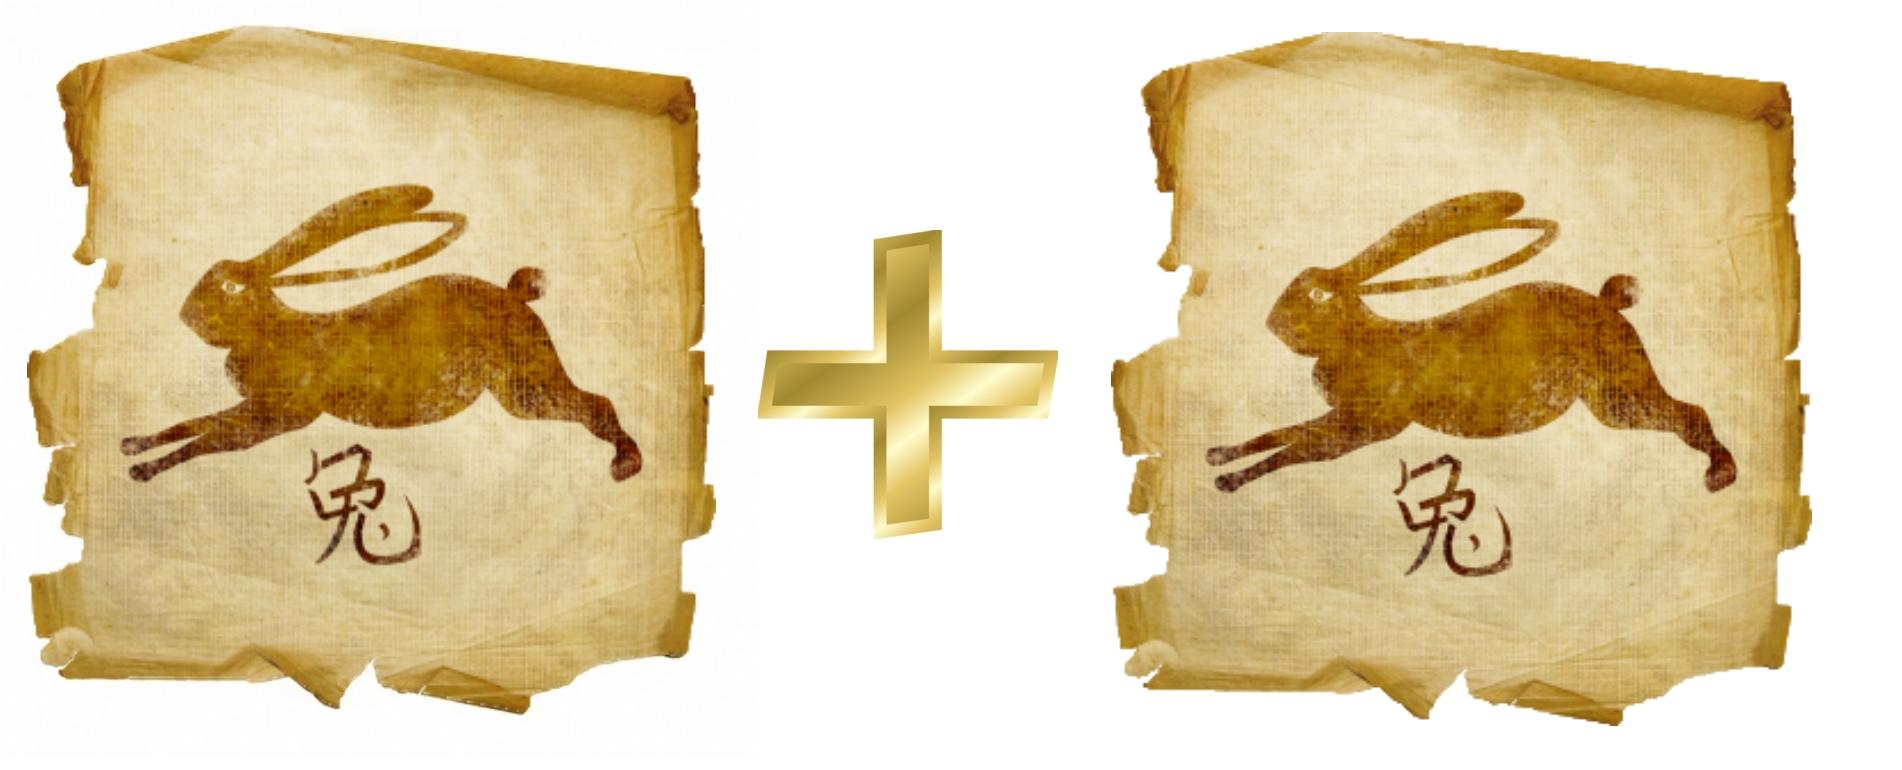 Кролик и Кролик(Заяц, Кот): гороскоп совместимости в любви